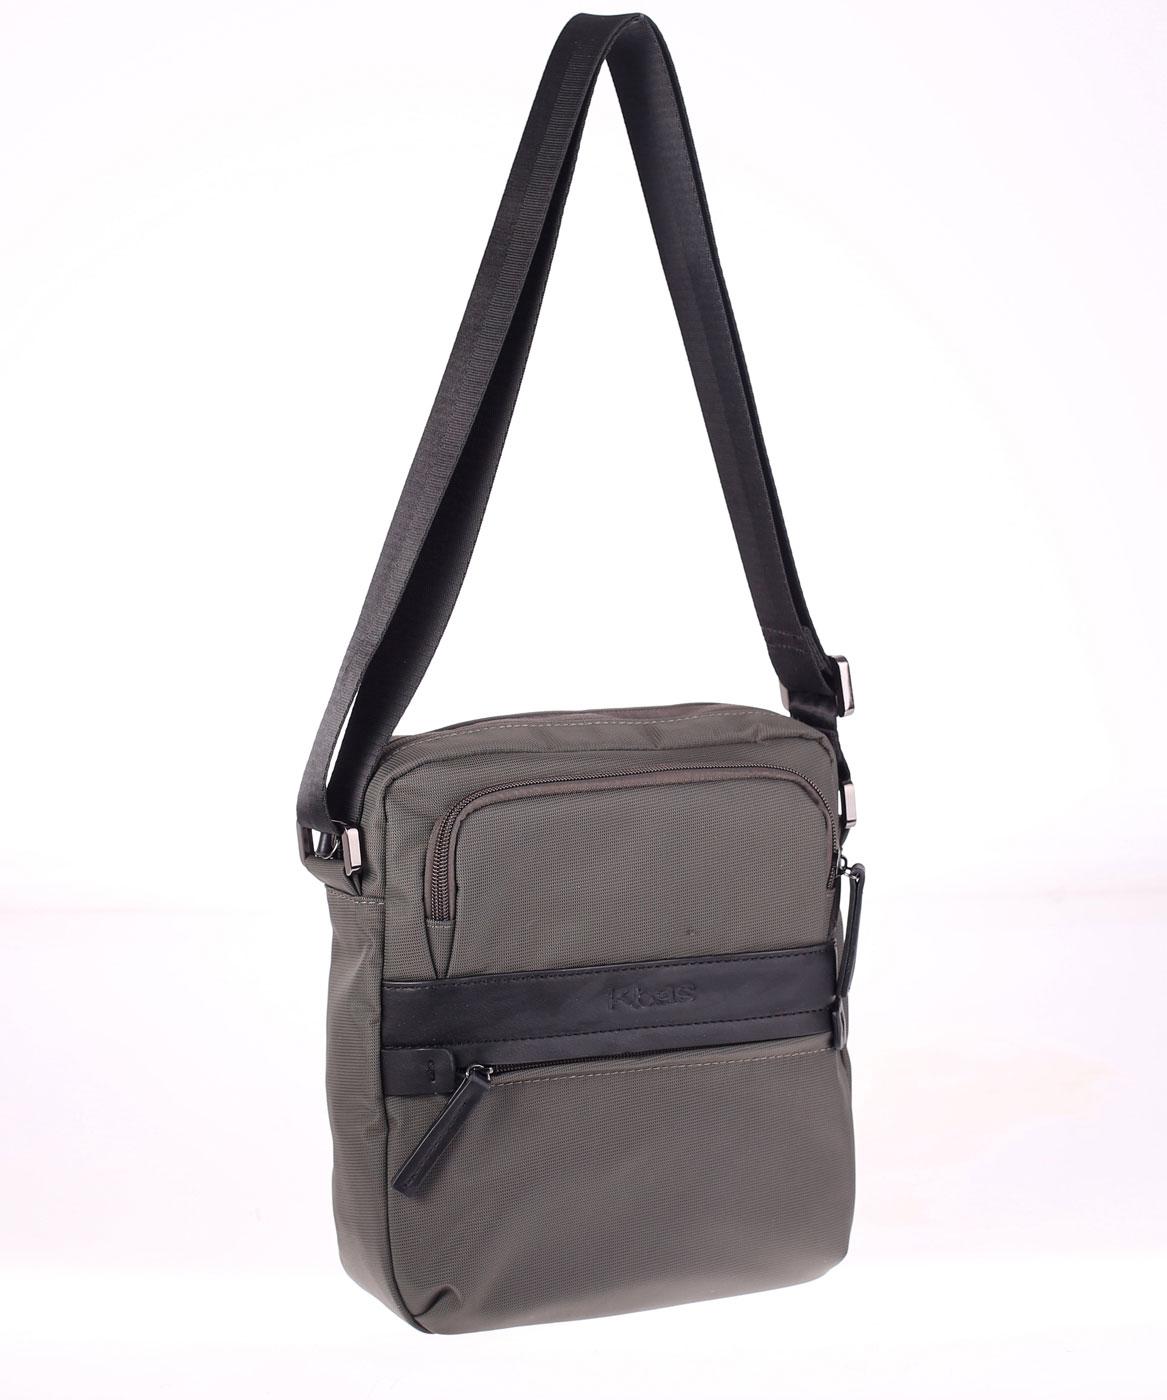 1a90ffd9a Kbas pánska taška z nylonu 335610G sivá | Kbas